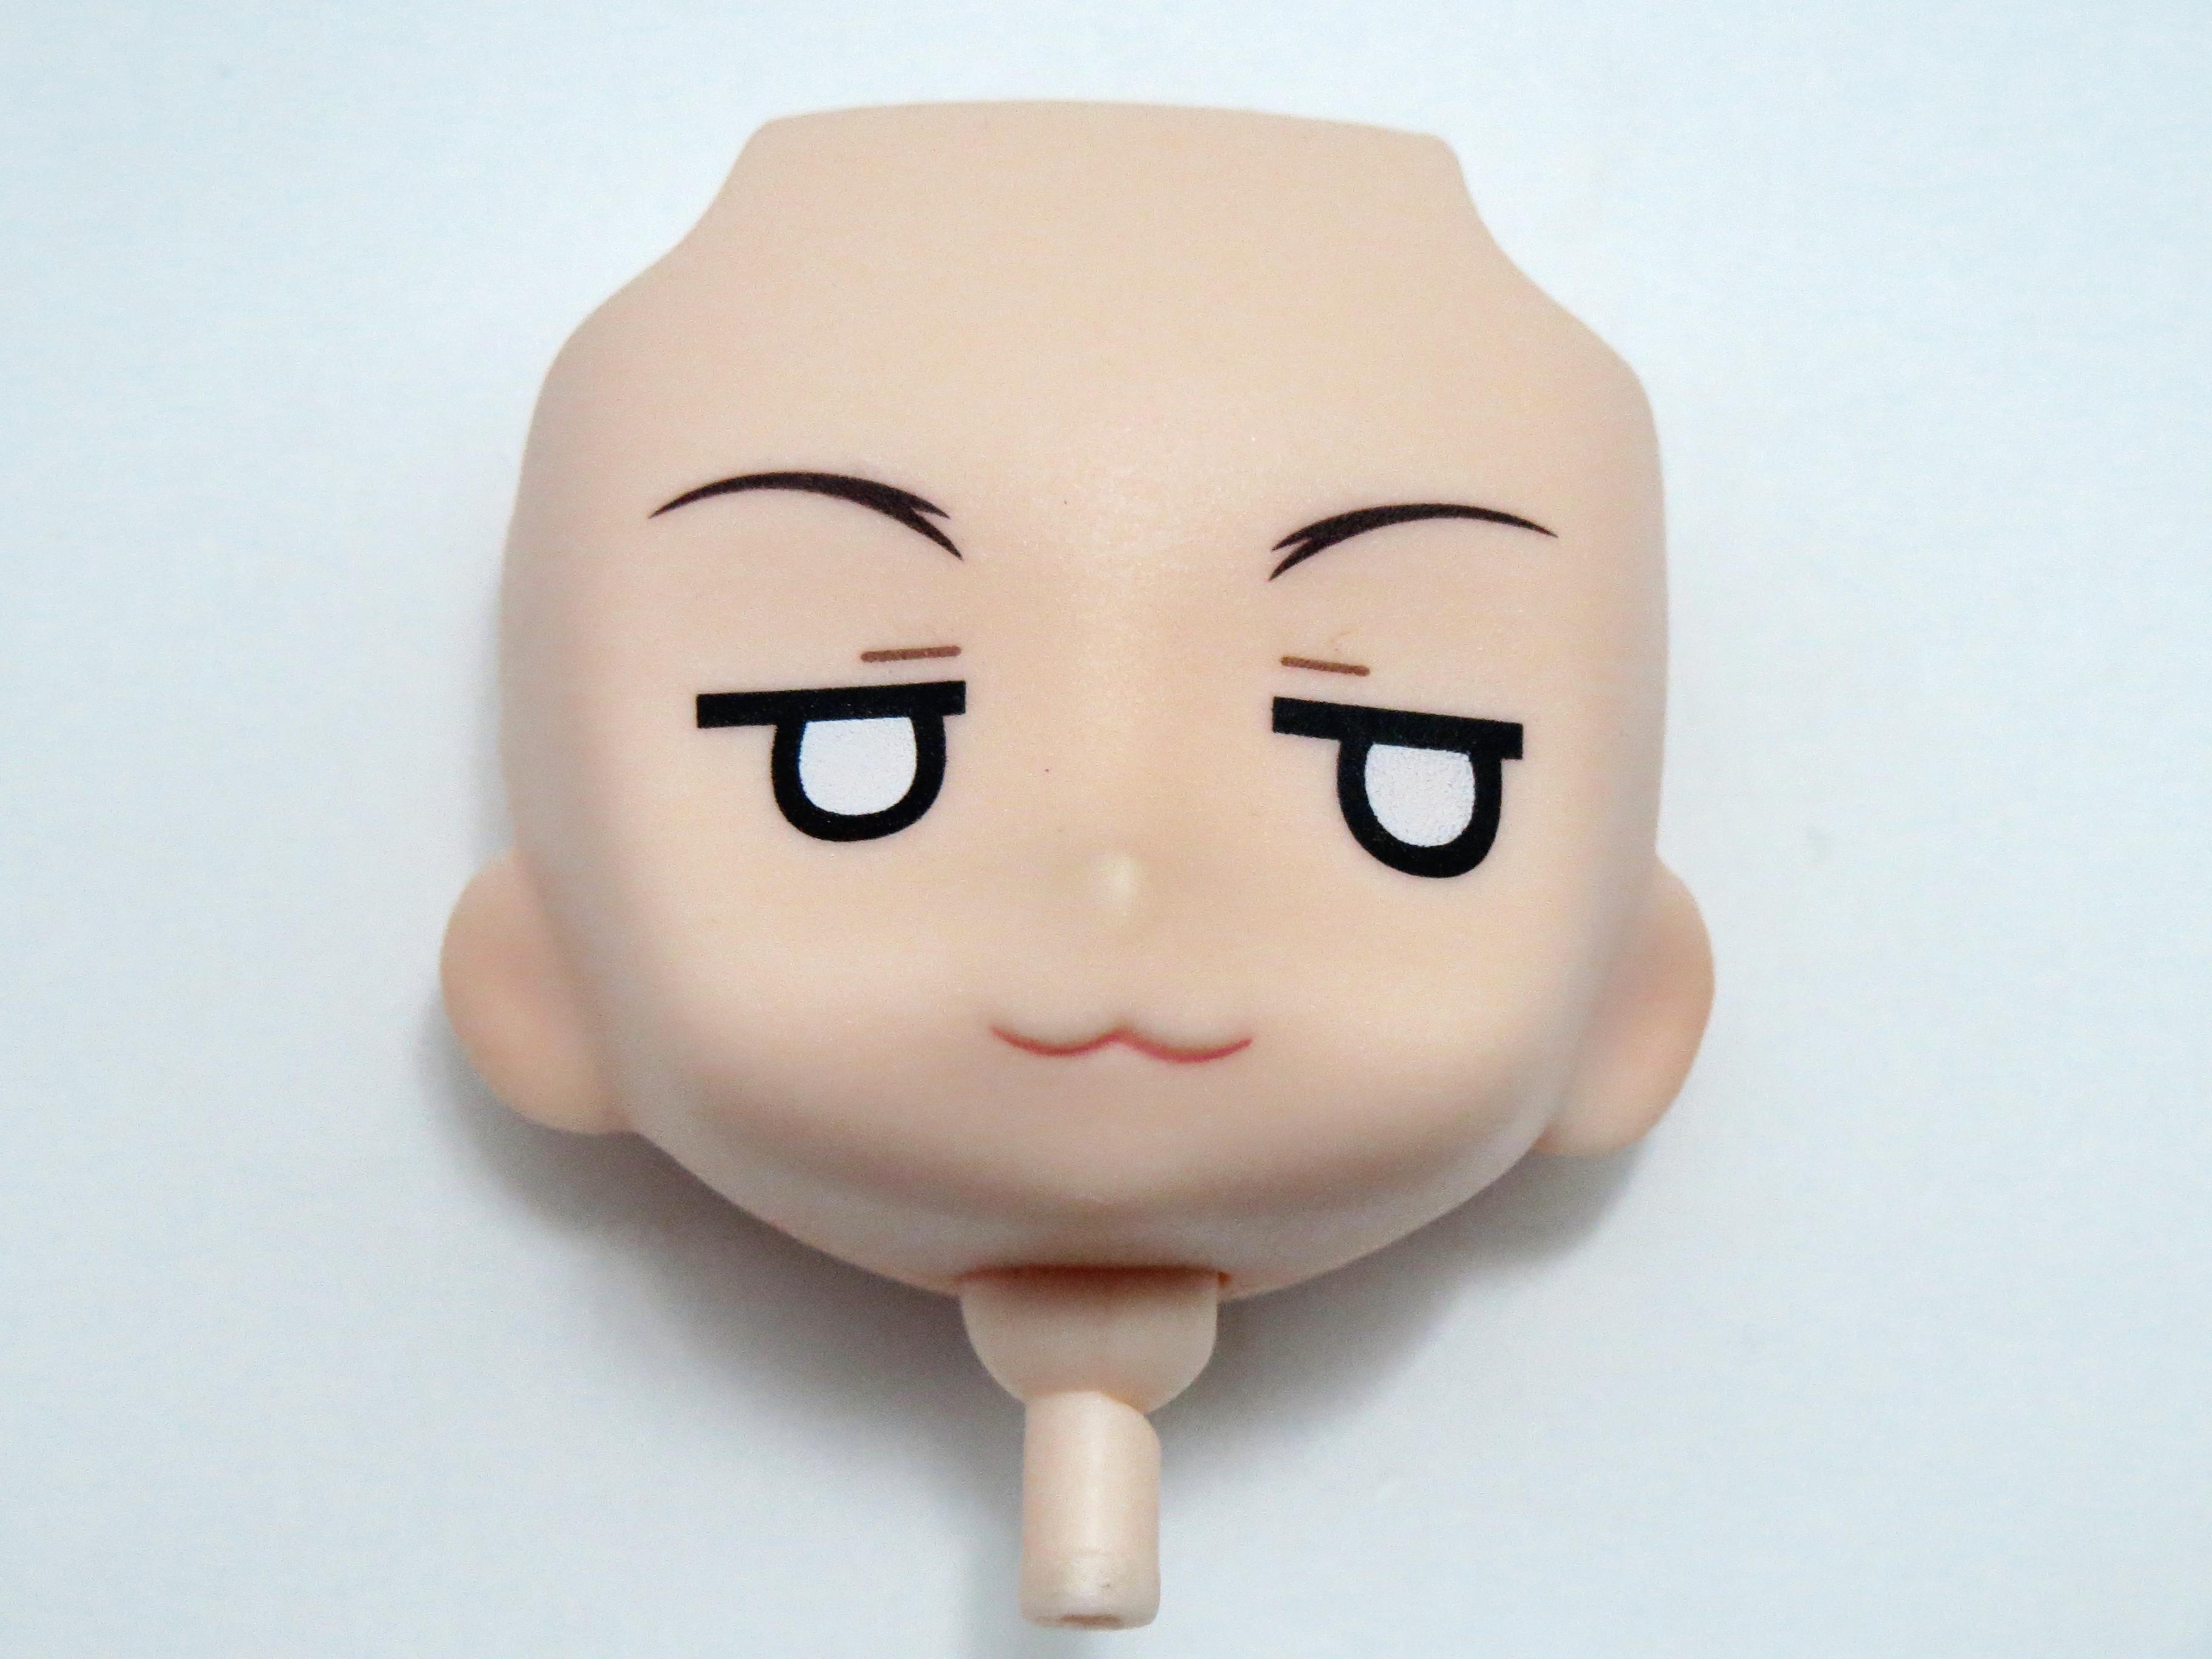 再入荷【101】 田井中律 ライブステージセット 顔パーツ イタズラ顔 ねんどろいど